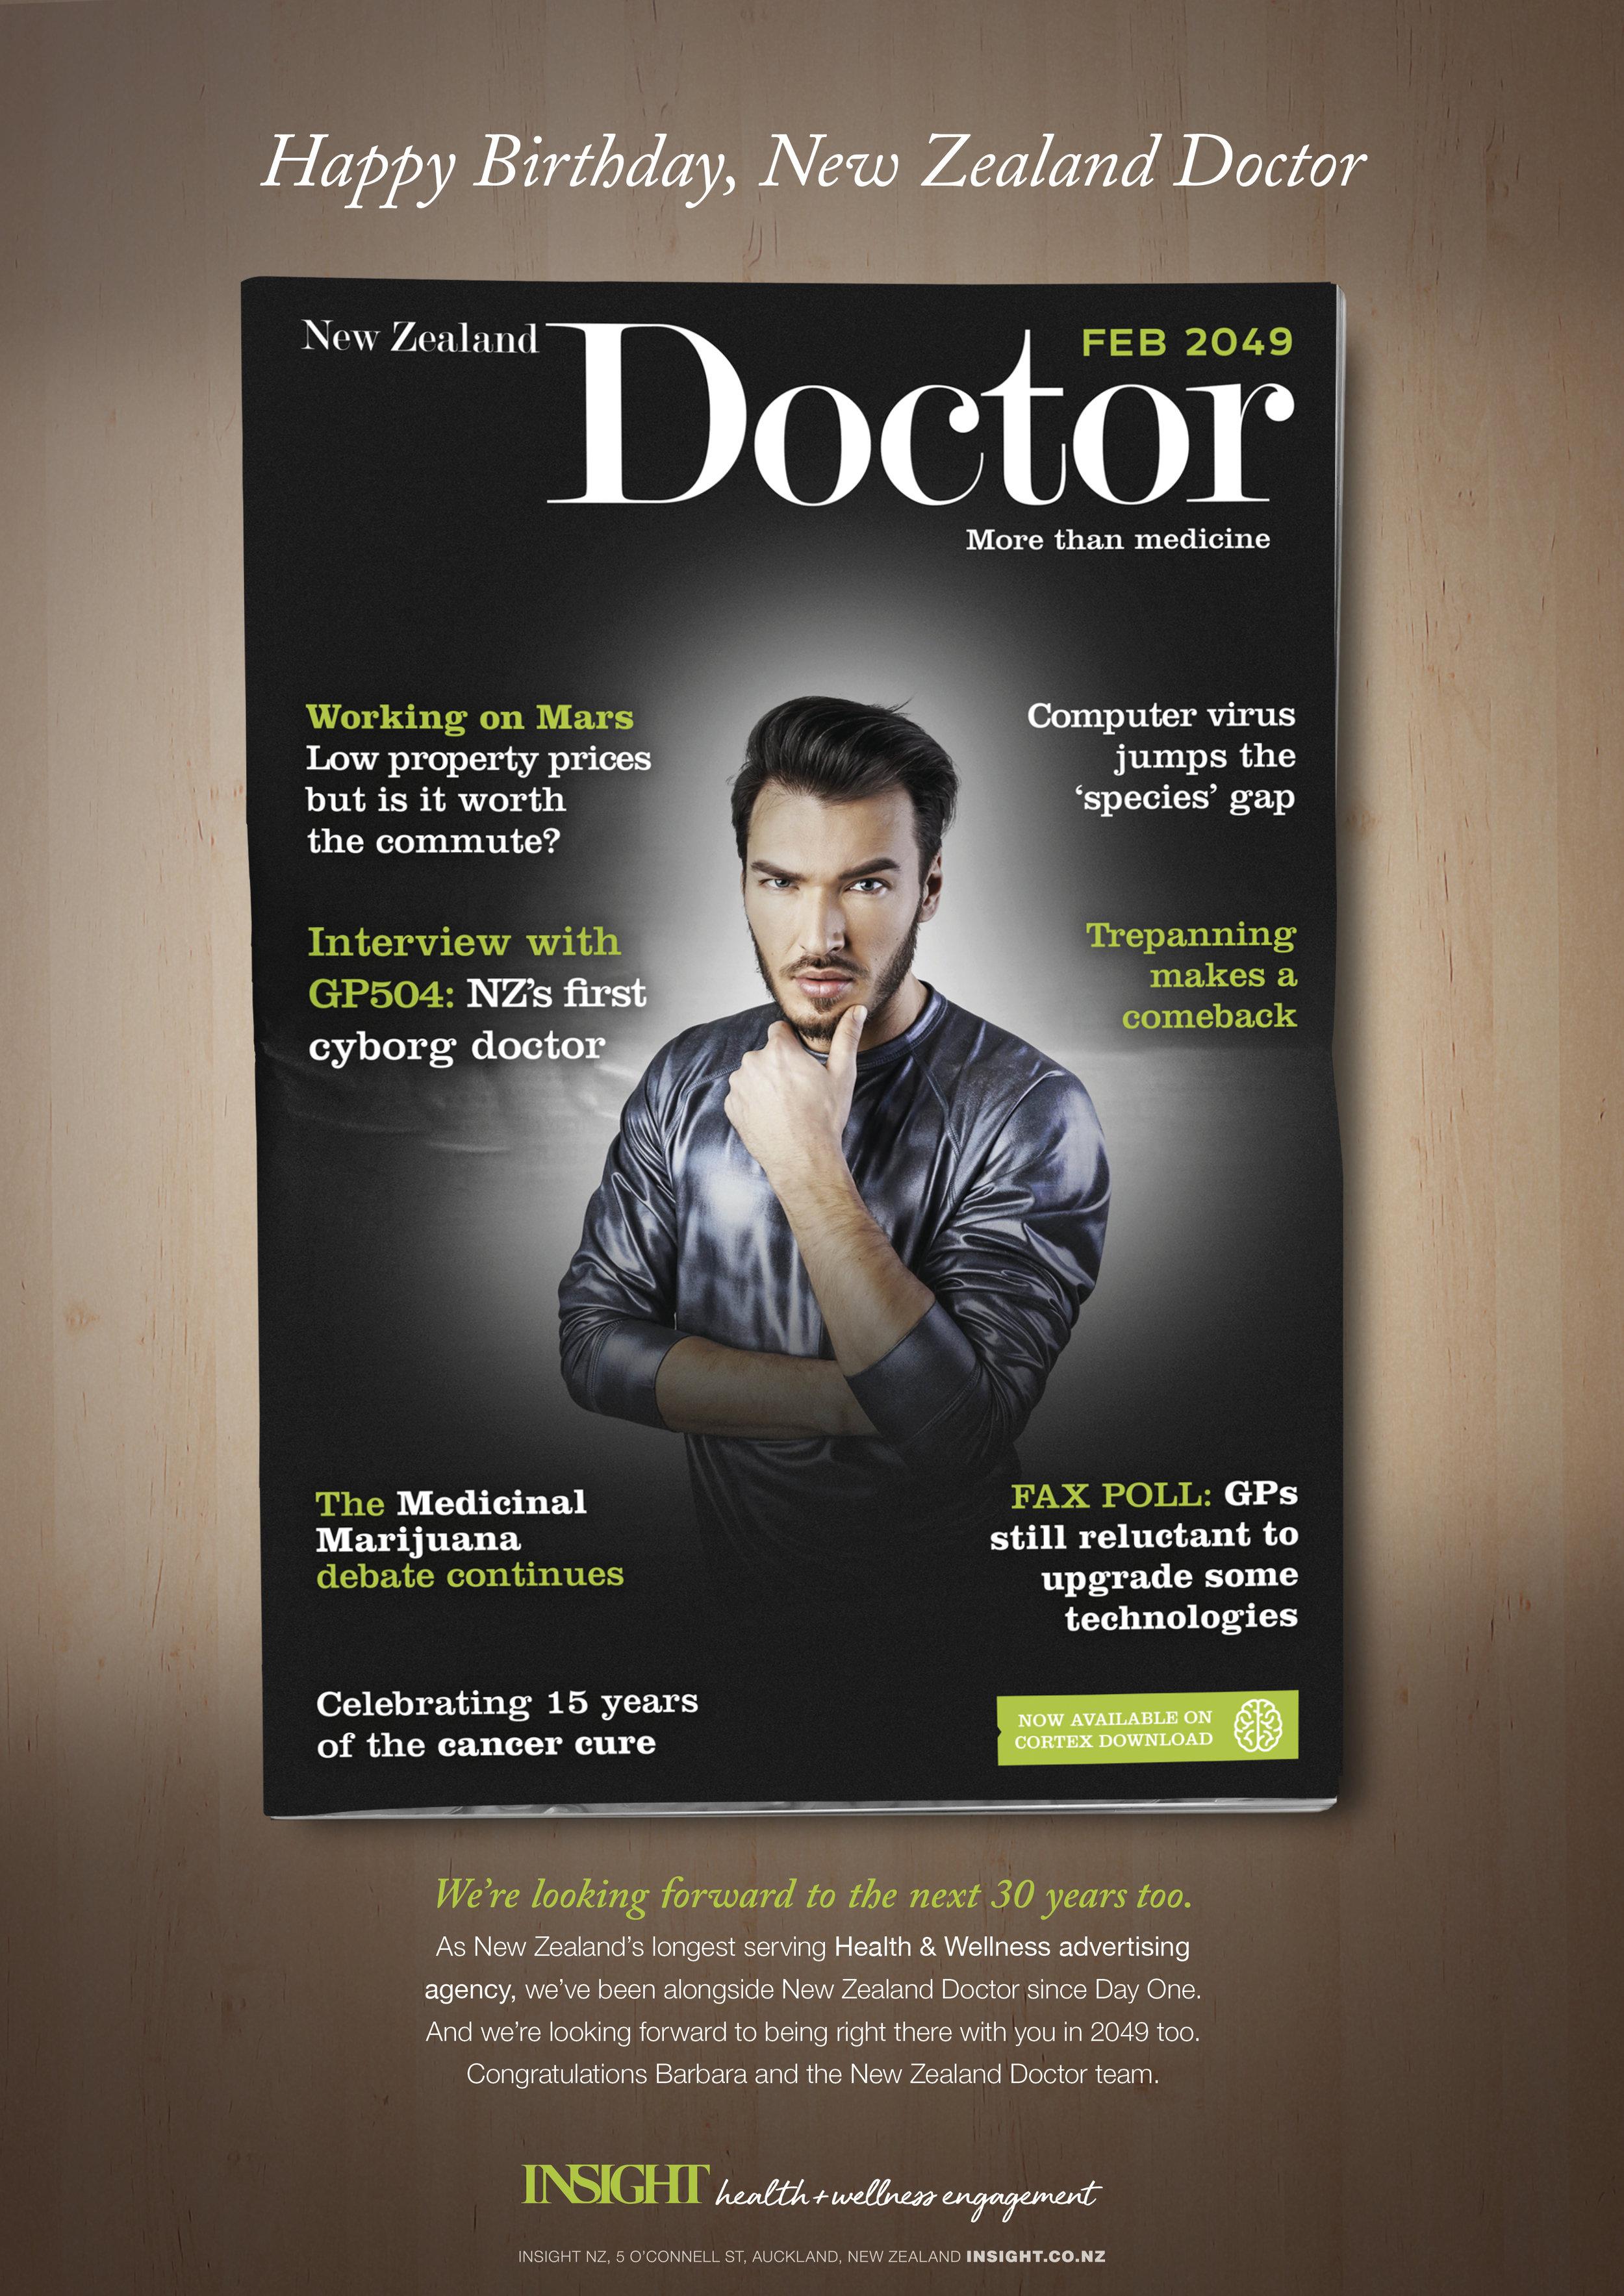 NZ doctor Birthday.jpg